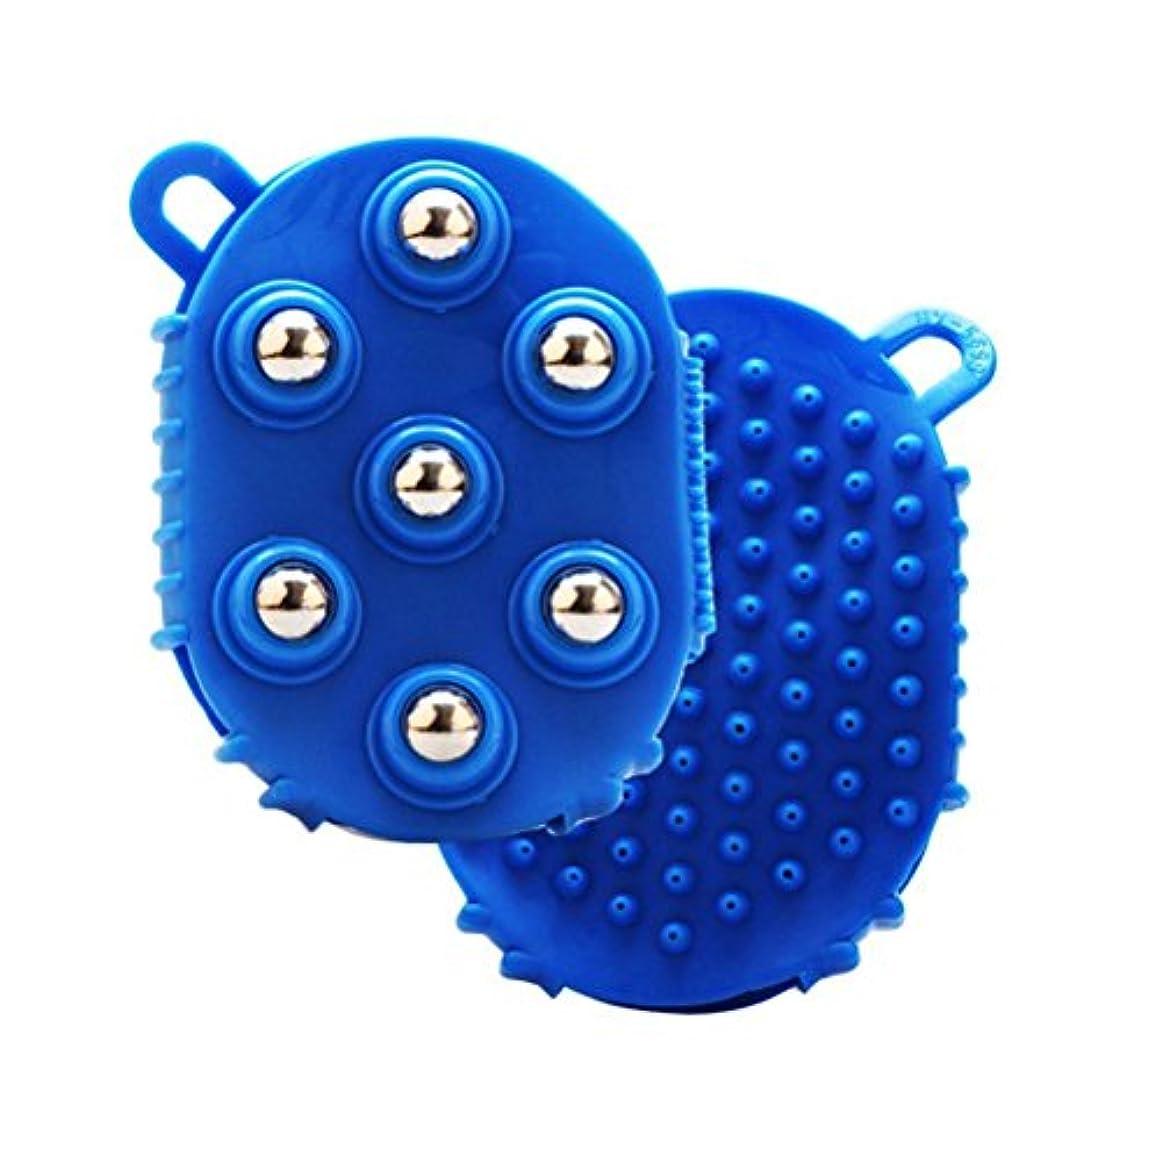 ULTNICE マッサージブラシ グローブバスブラシ 金属ローリングボール 痛みの筋肉の痛みを軽減する(青)